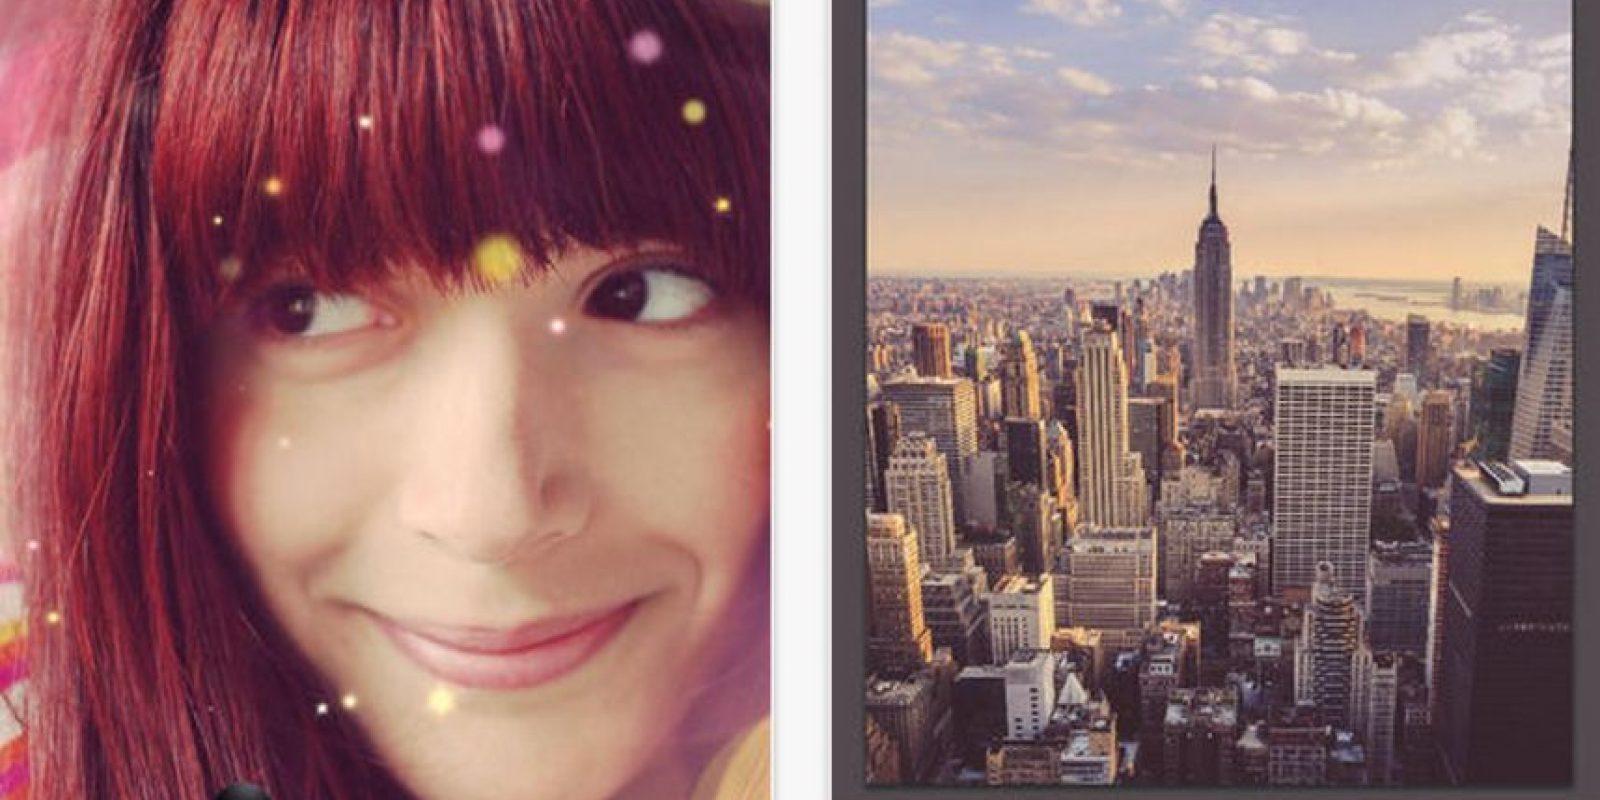 Repix es un editor de fotos que les permite agregar todo tipo de efectos artísticos a las imágenes. Foto:Sumoing Ltd